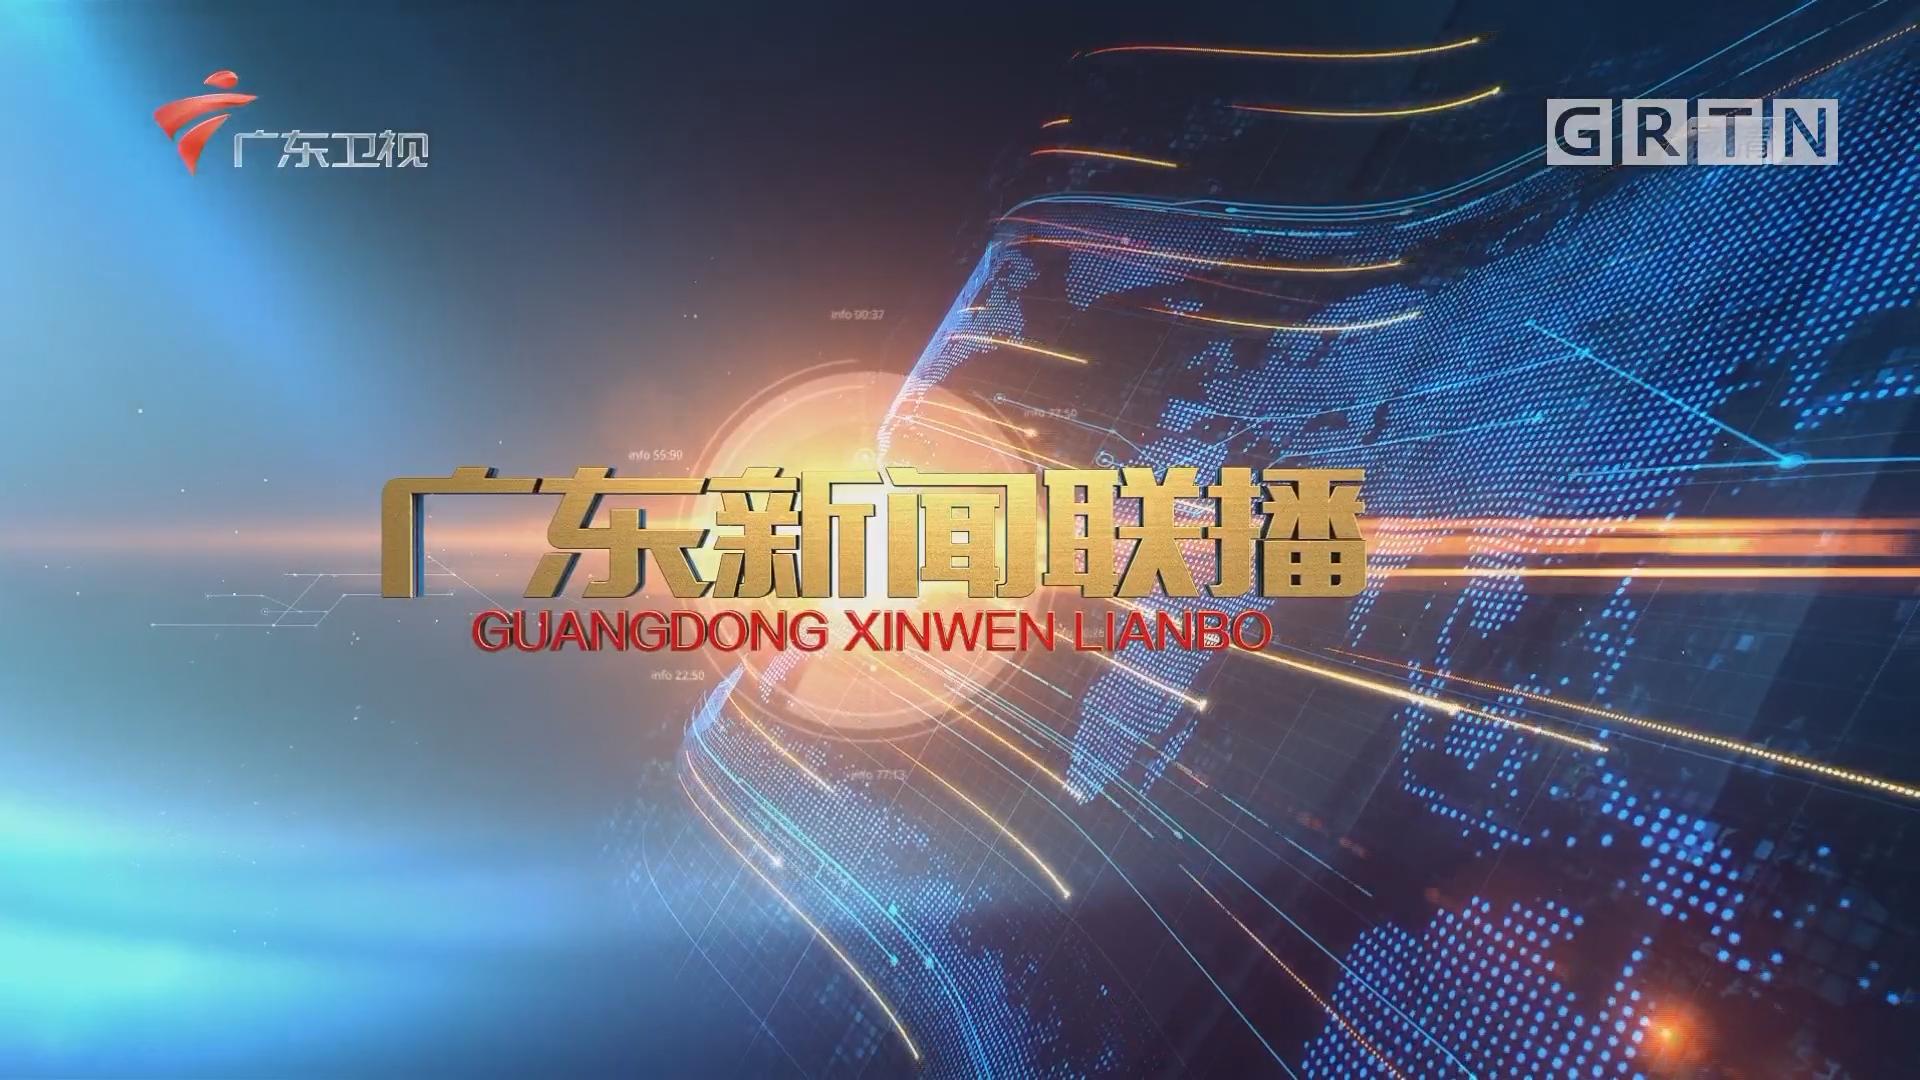 [HD][2018-05-09]广东新闻联播:华南理工大学广州国际校区高端人才座谈会在广州举行 李希出席会议